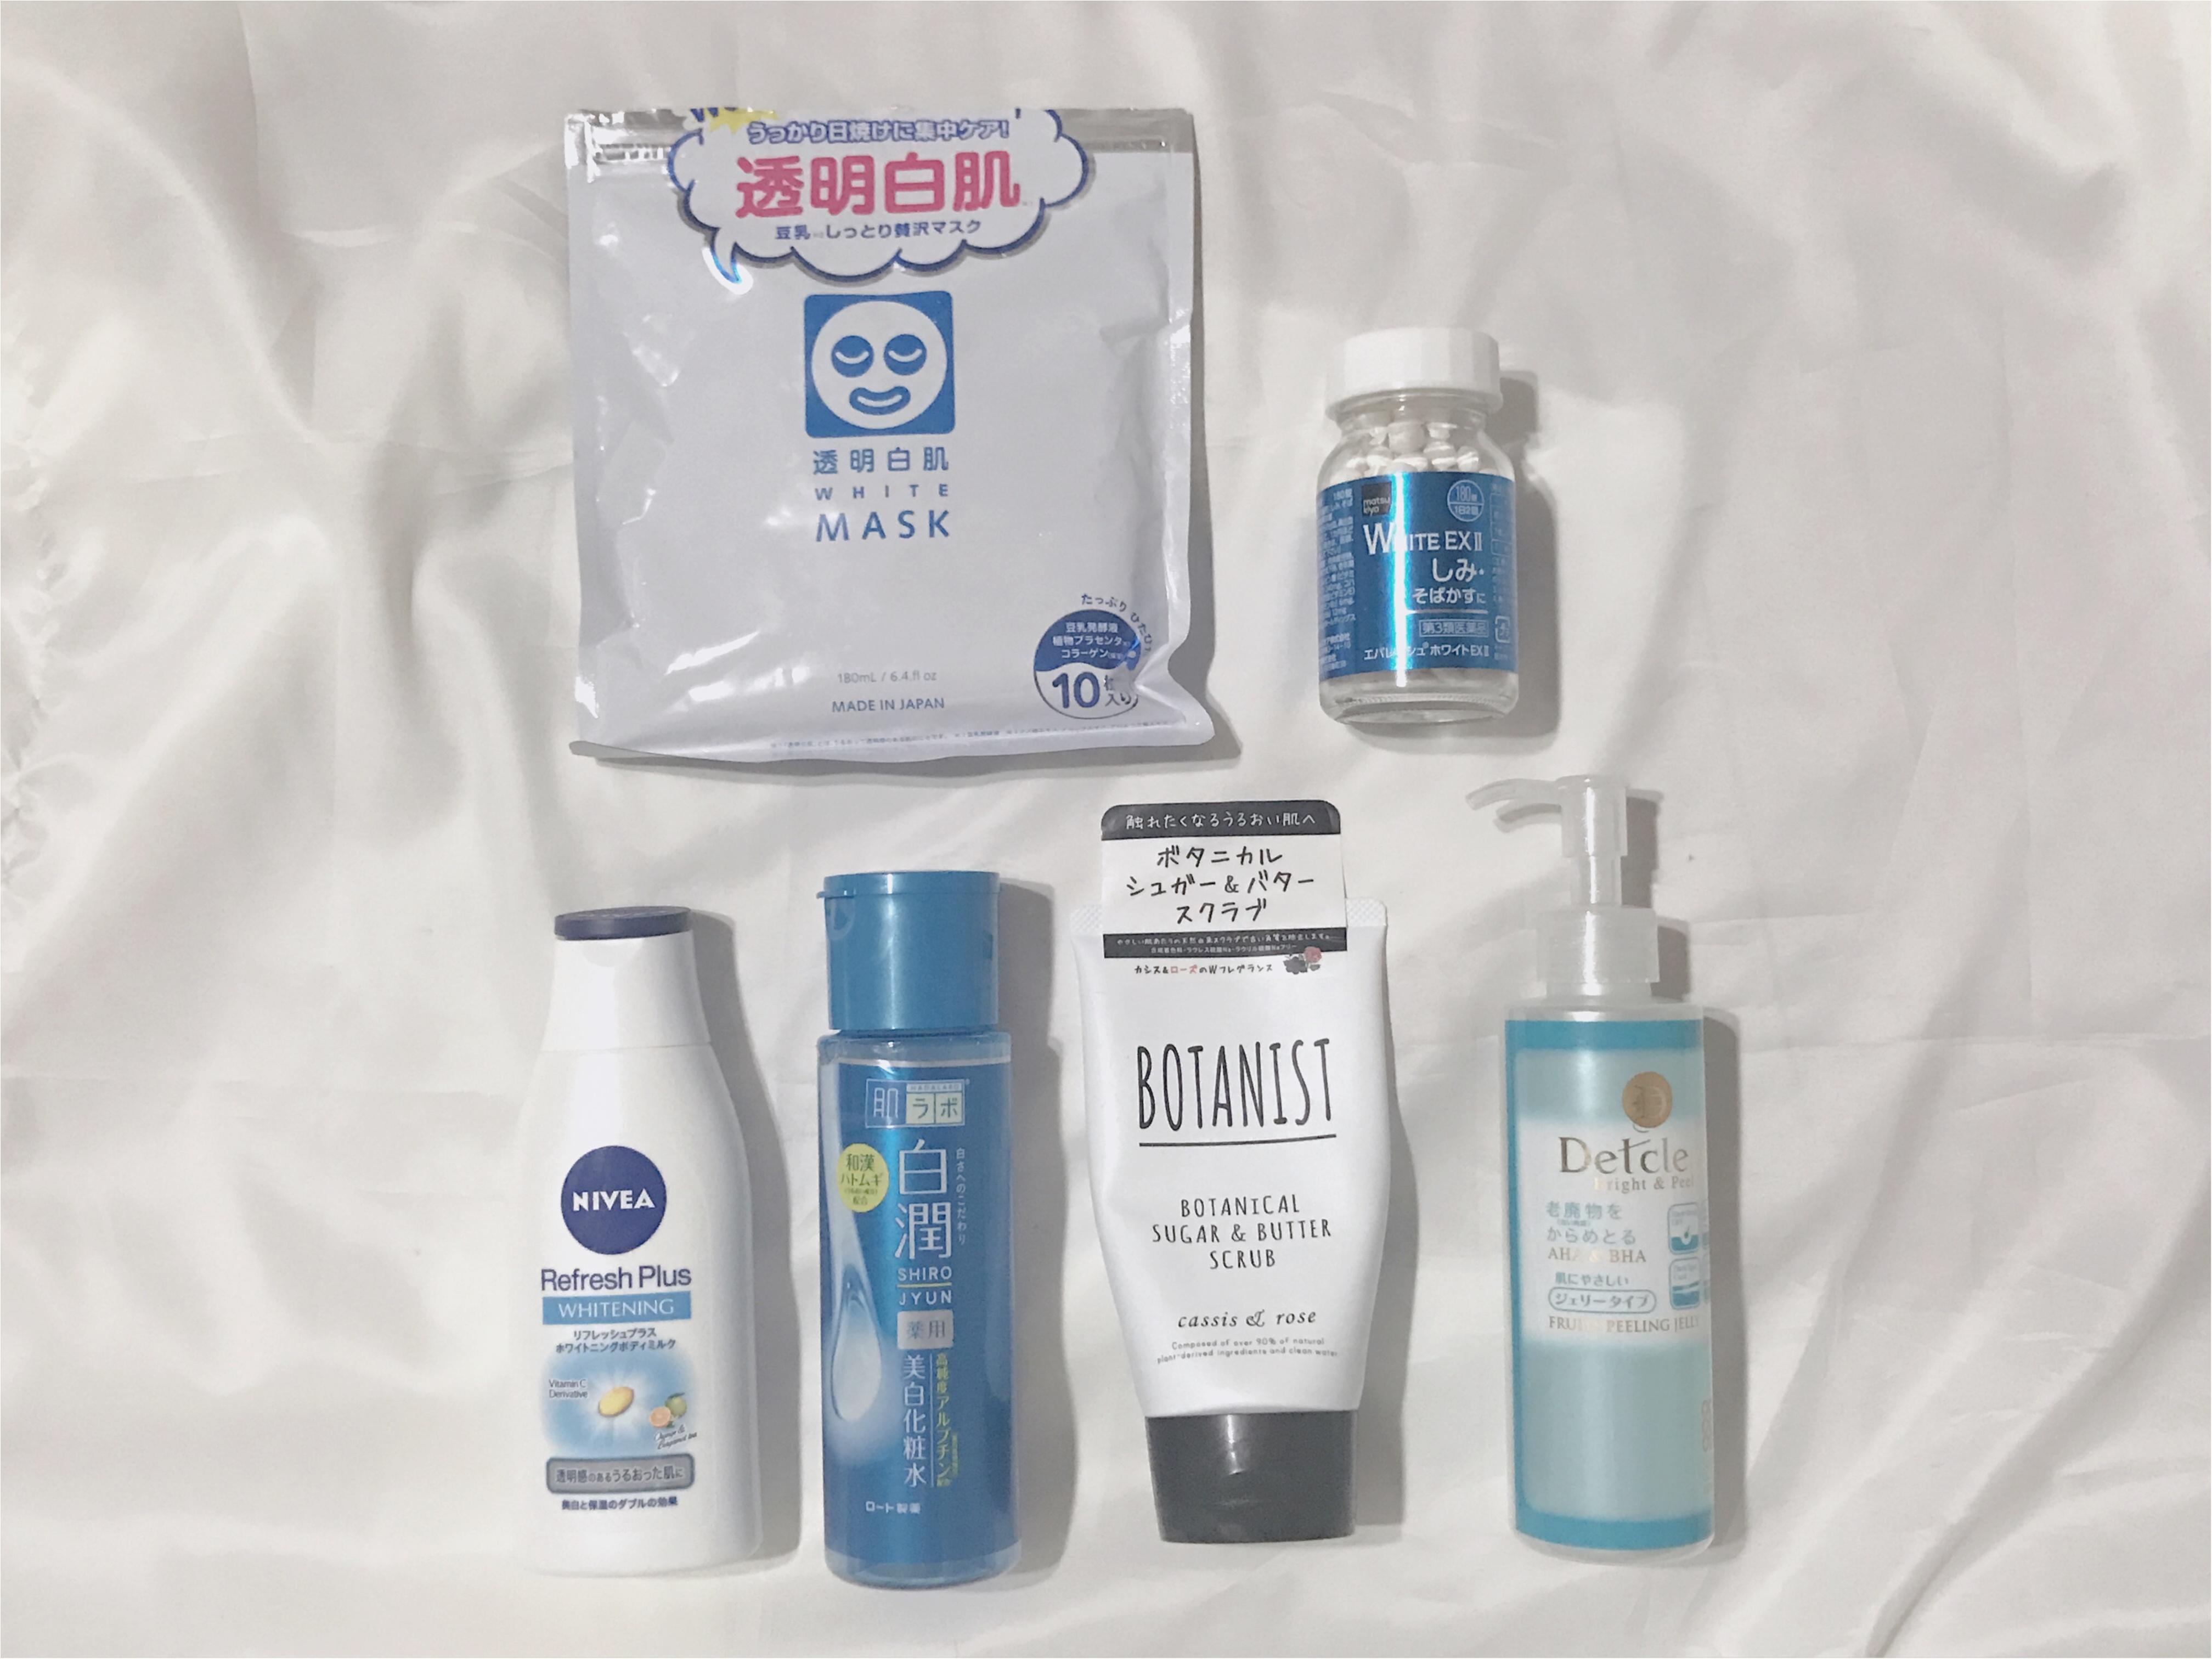 美白化粧品特集 - シミやくすみ対策・肌の透明感アップが期待できるコスメは?_41